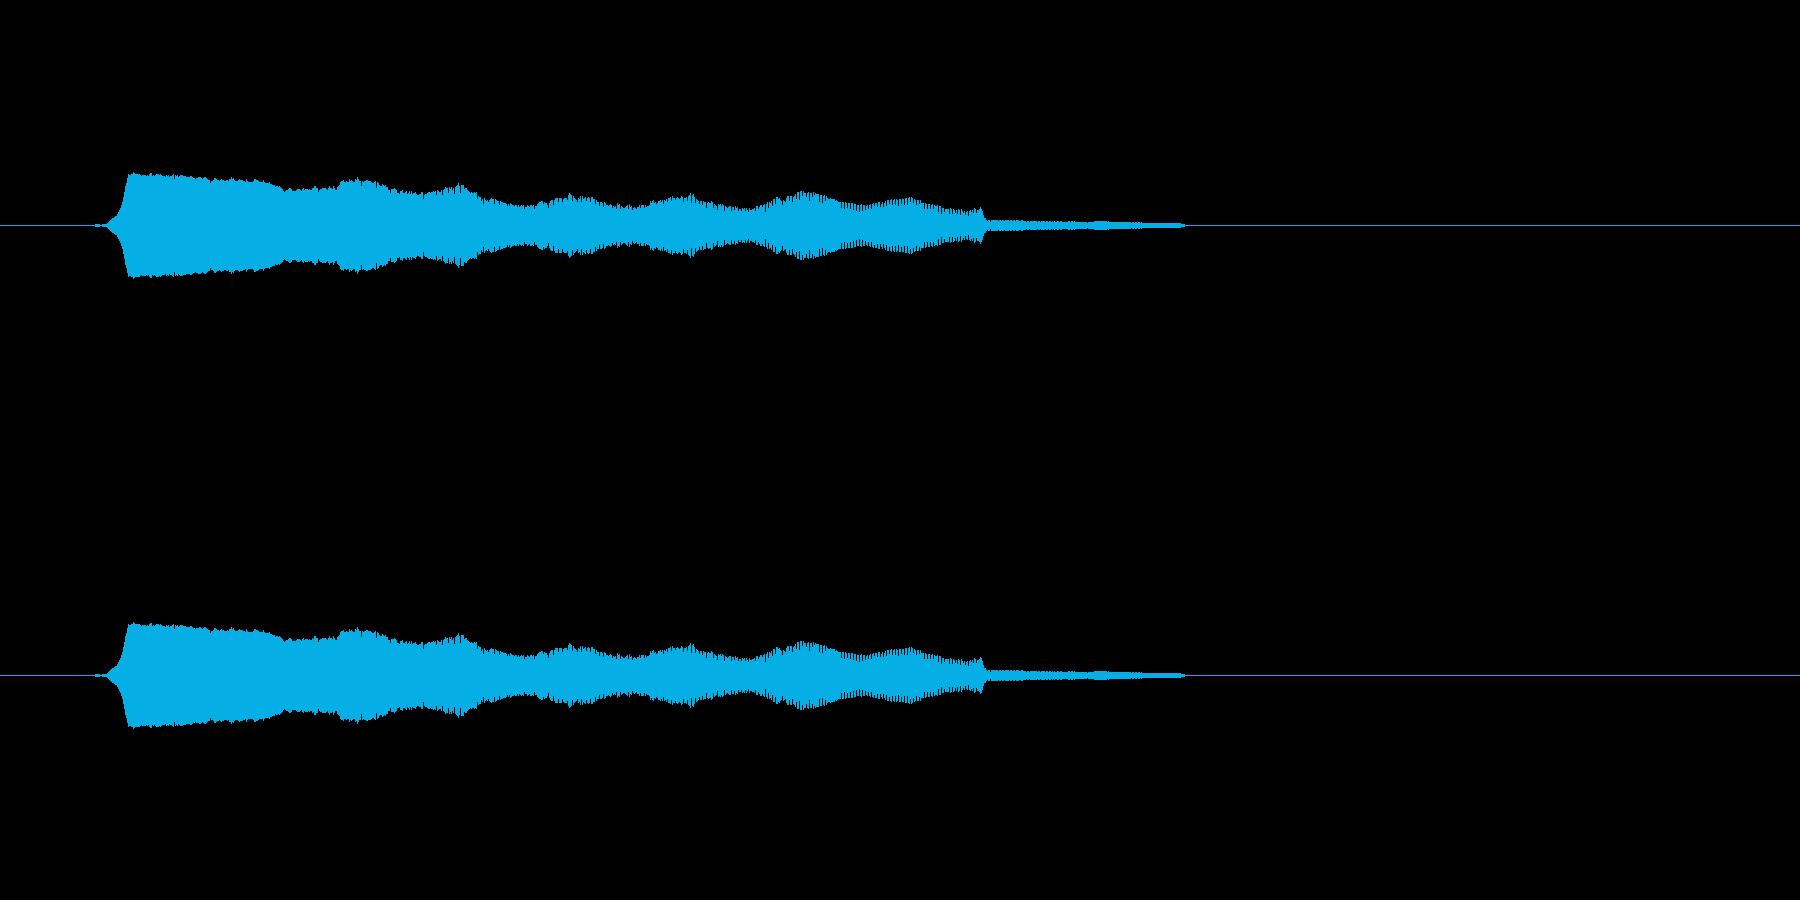 ひゅ~(落下音)の再生済みの波形